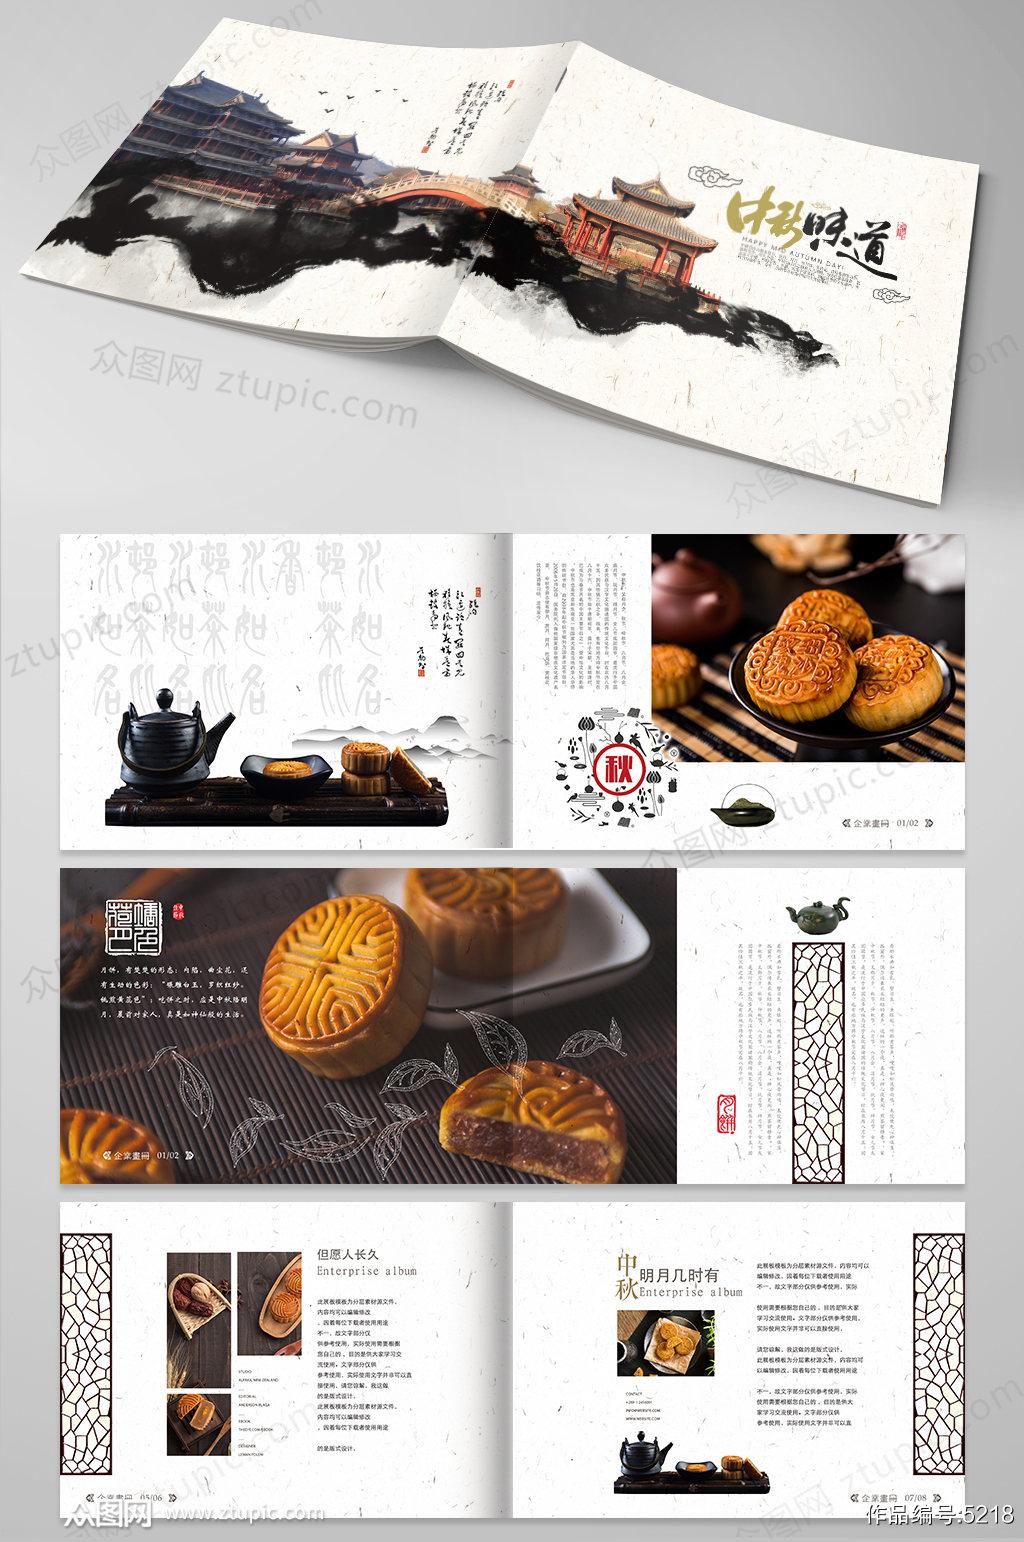 原创月饼宣传画册素材